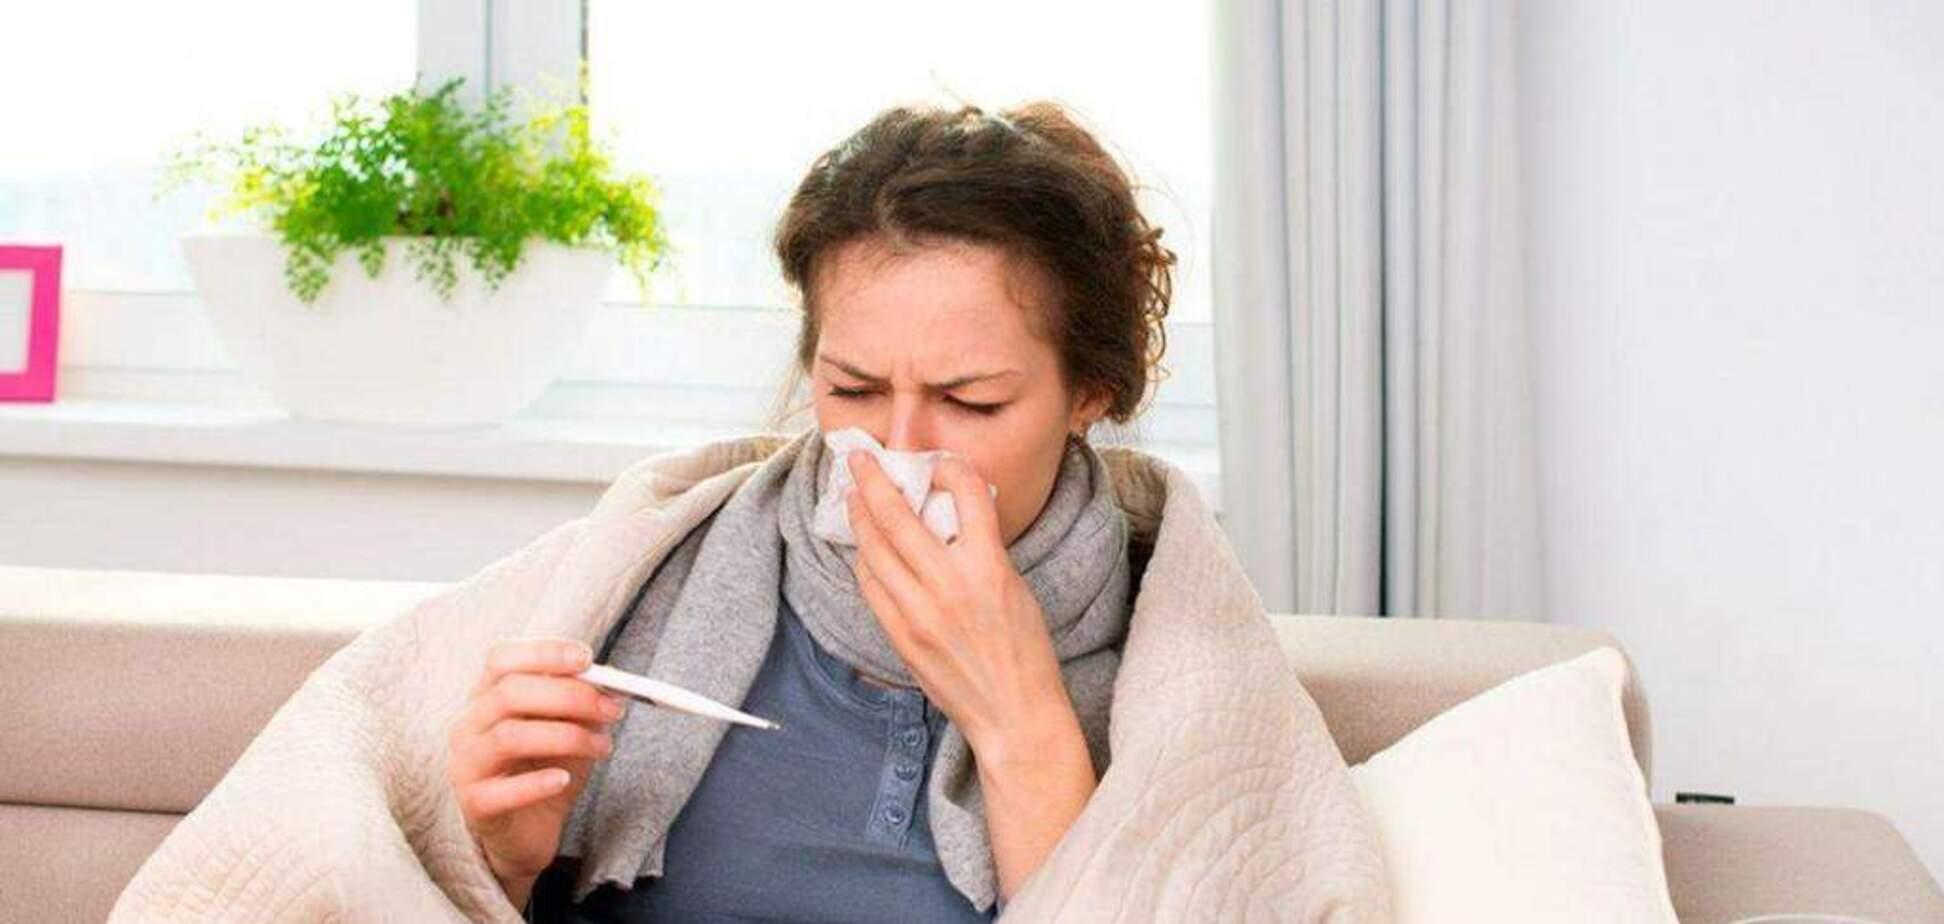 Що робити, якщо захворіли на грип